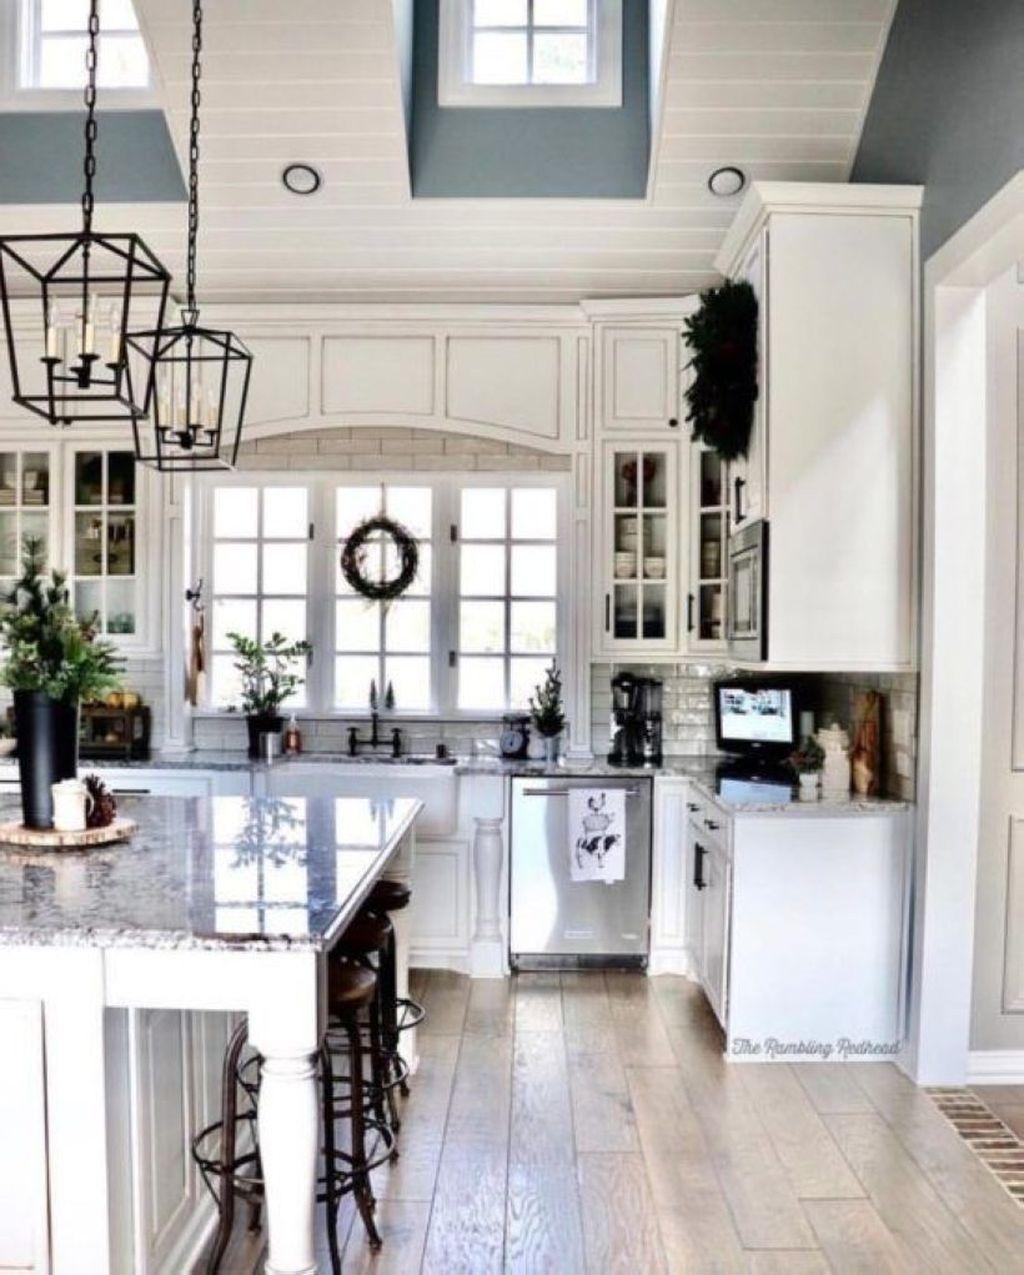 40+ Pretty Farmhouse Interior Design Ideas To Try Asap ...